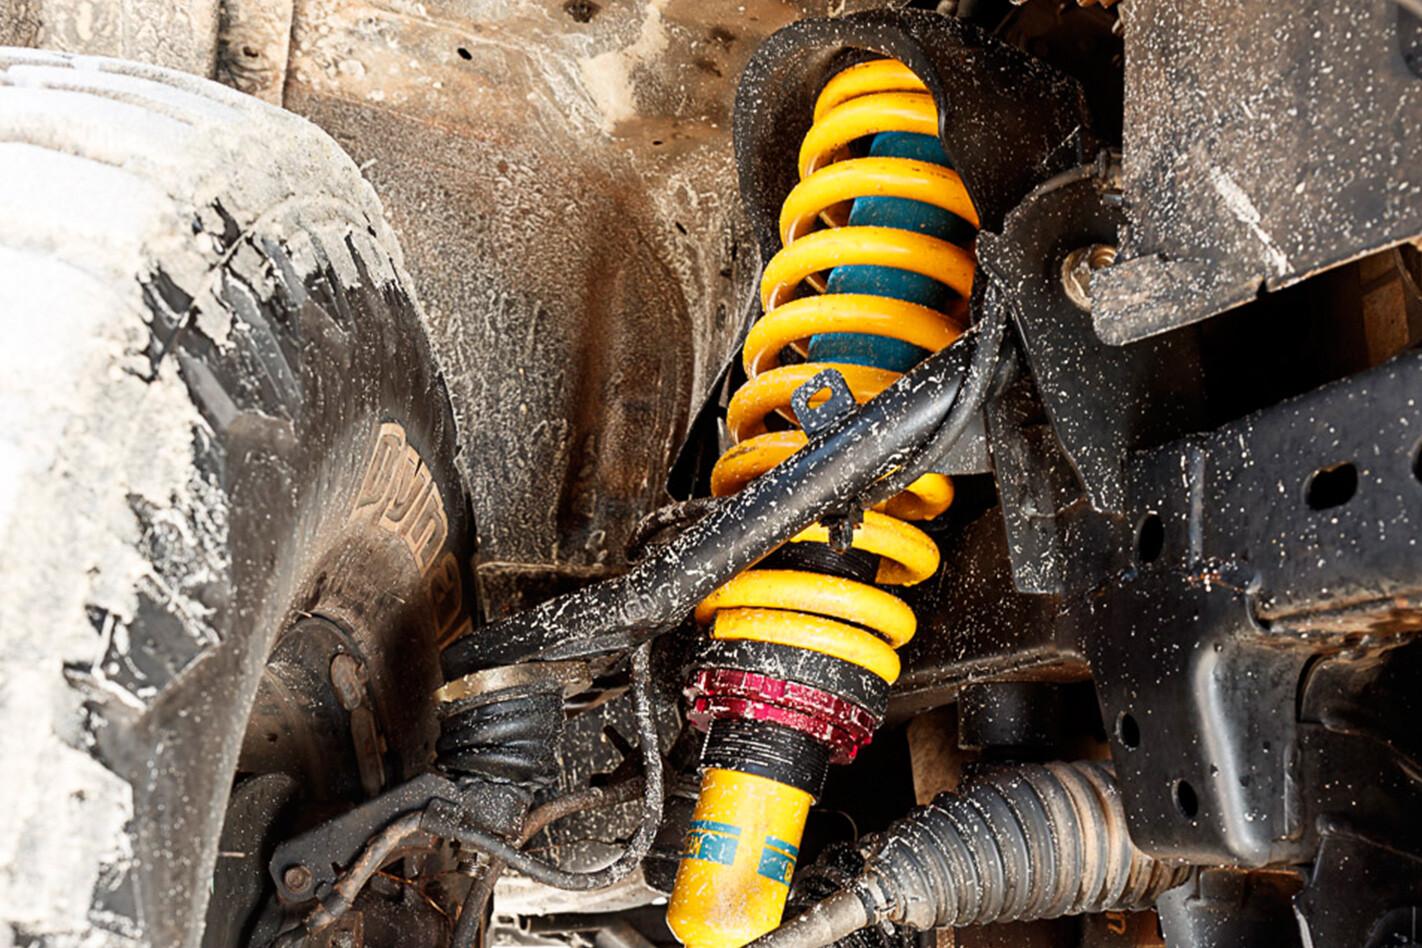 2015-Holden-RG-Colorado-suspension.jpg